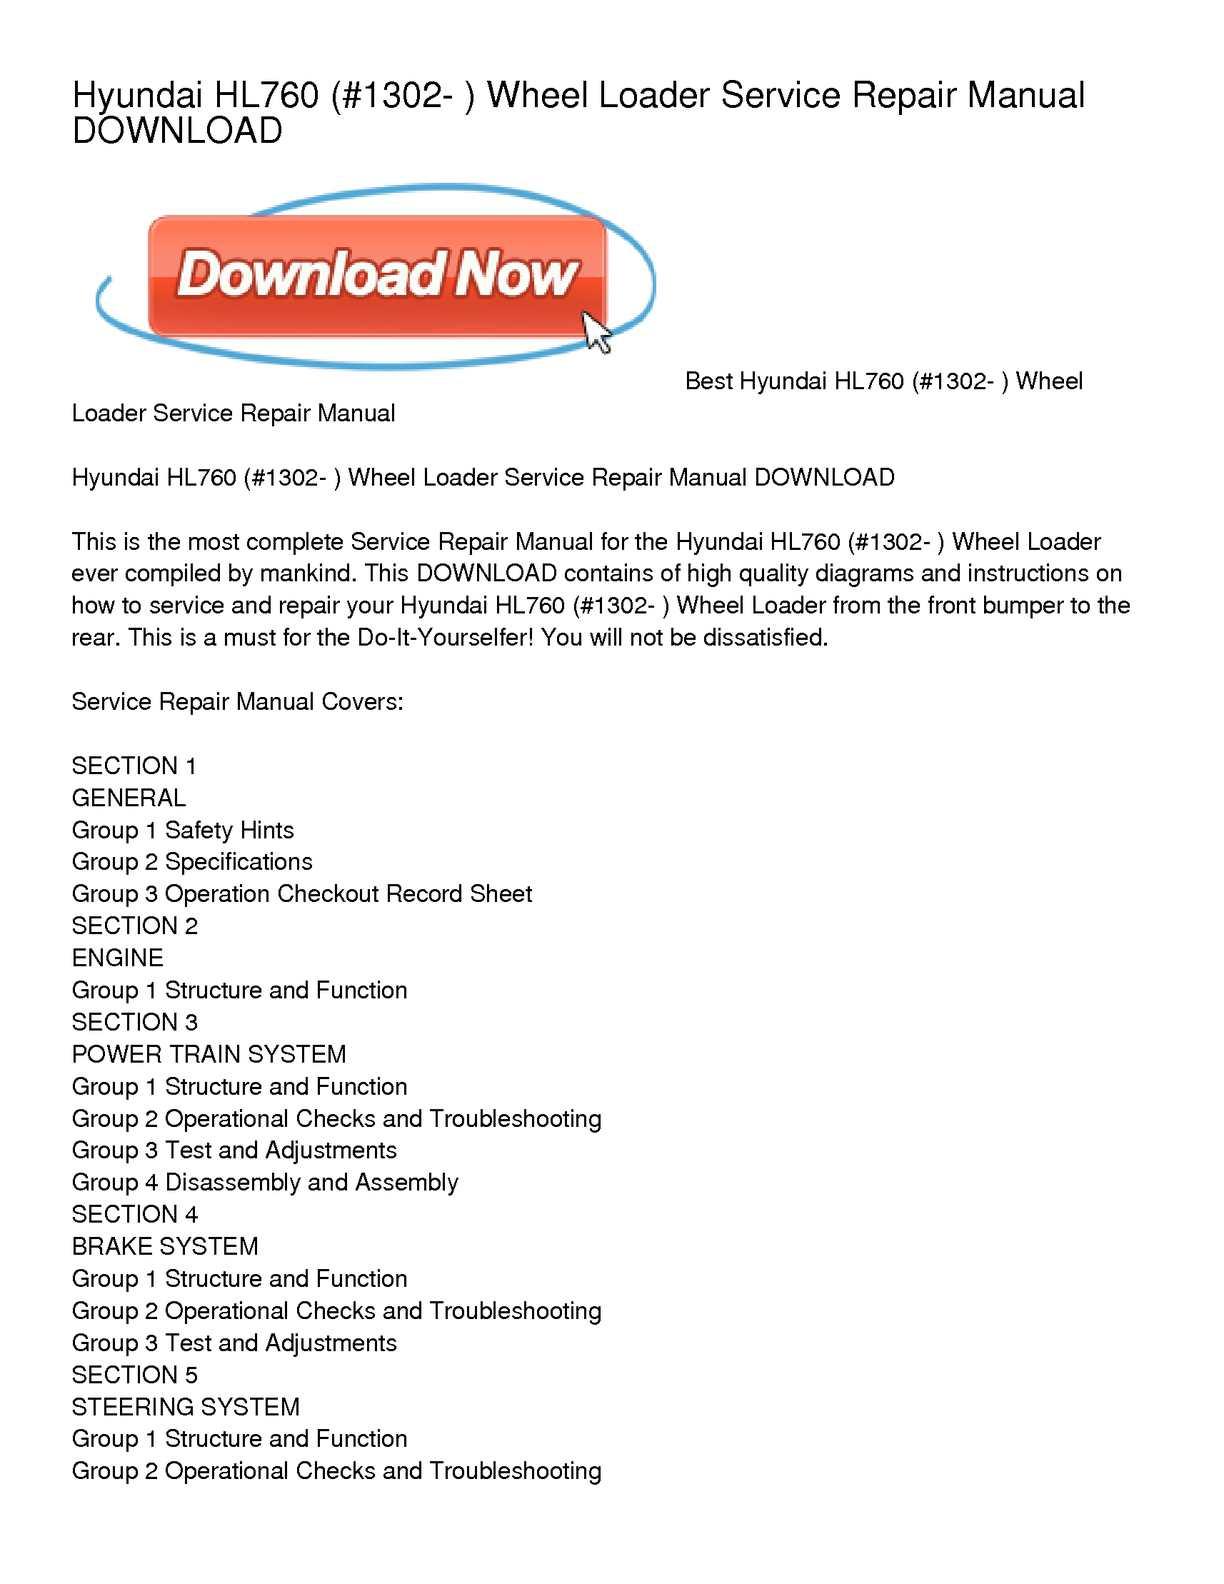 Calaméo - Hyundai HL760 (#1302- ) Wheel Loader Service Repair Manual  DOWNLOAD